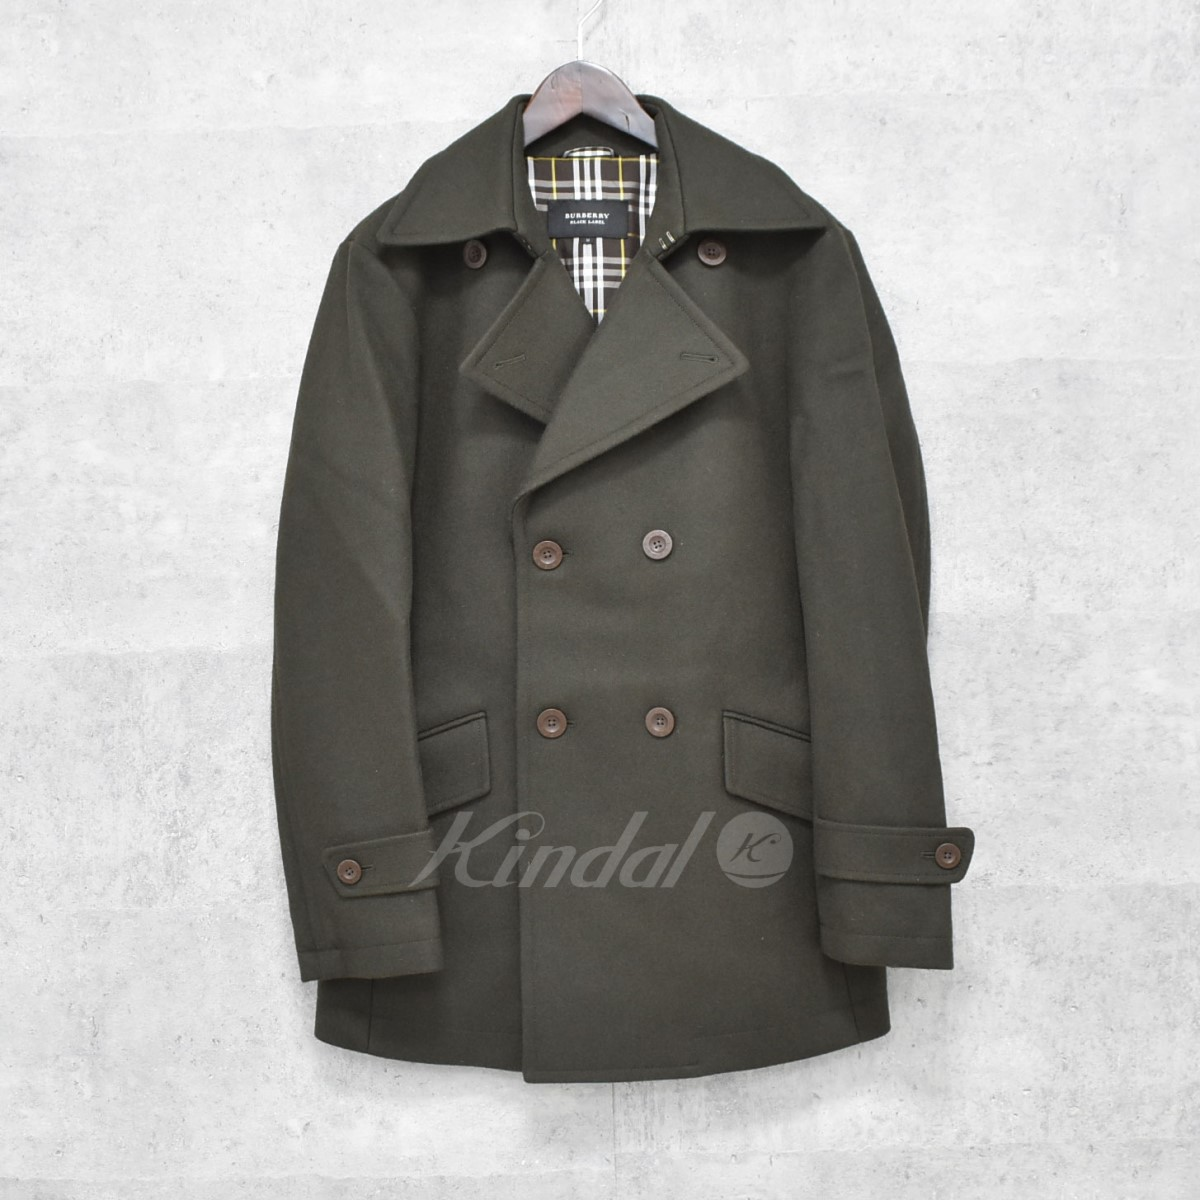 【中古】BURBERRY BLACK LABEL Pコート カーキ サイズ:M 【送料無料】 【261018】(バーバリー ブラックレーベル)